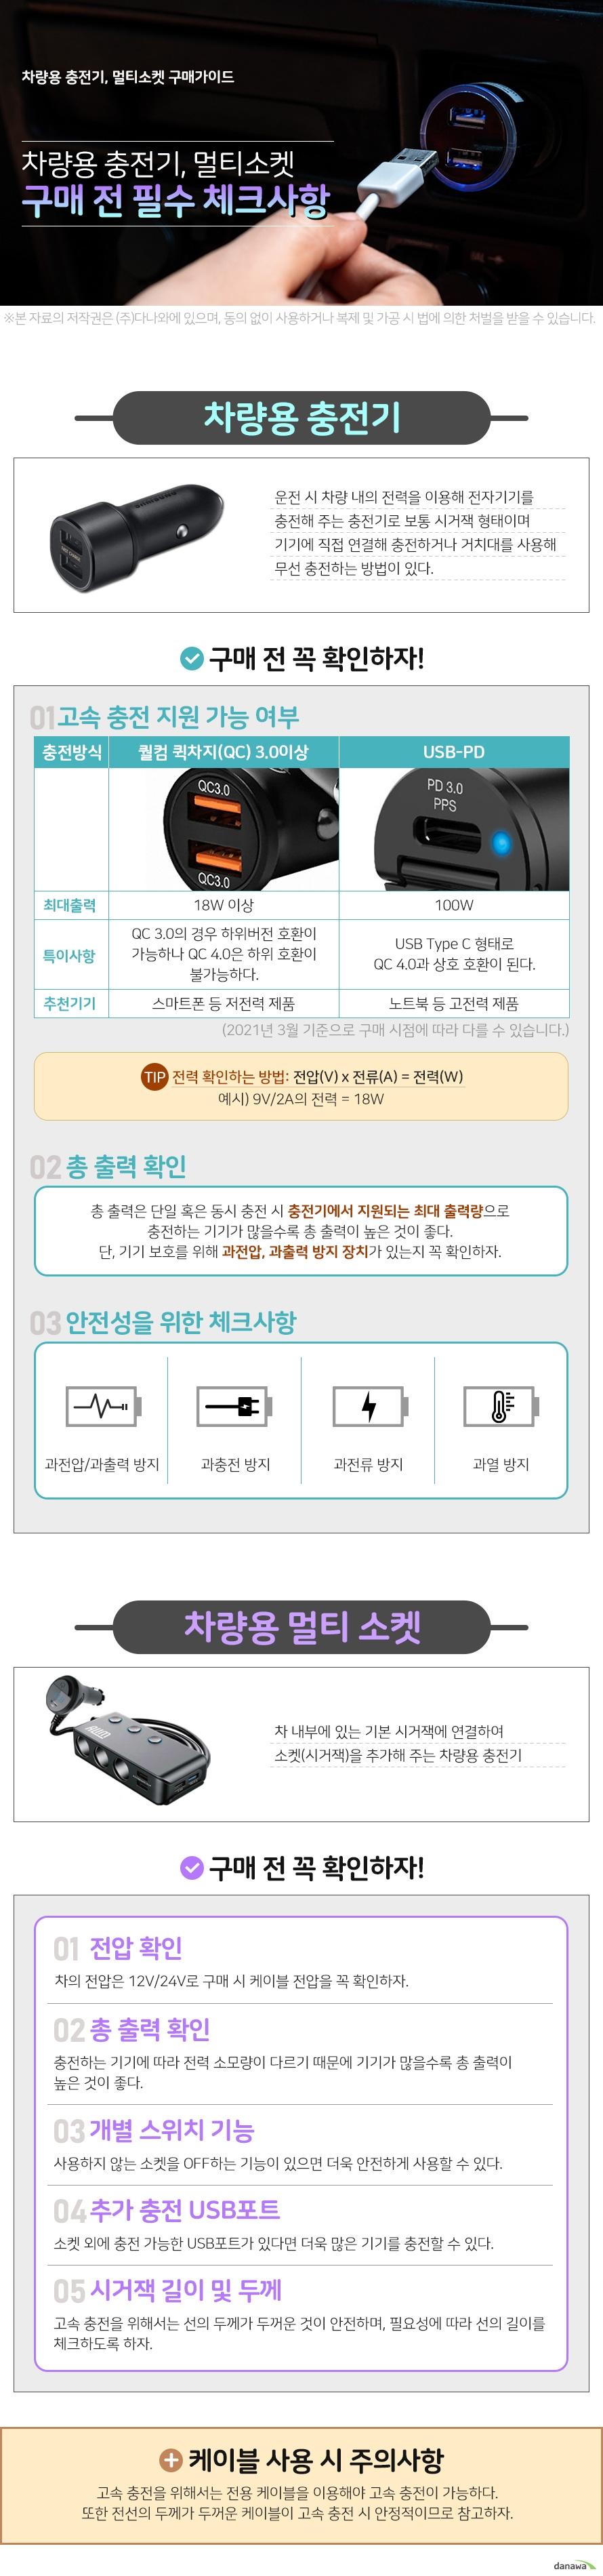 강원전자 NETmate USB QC3.0 고속 충전 시거잭 NM-CJ04